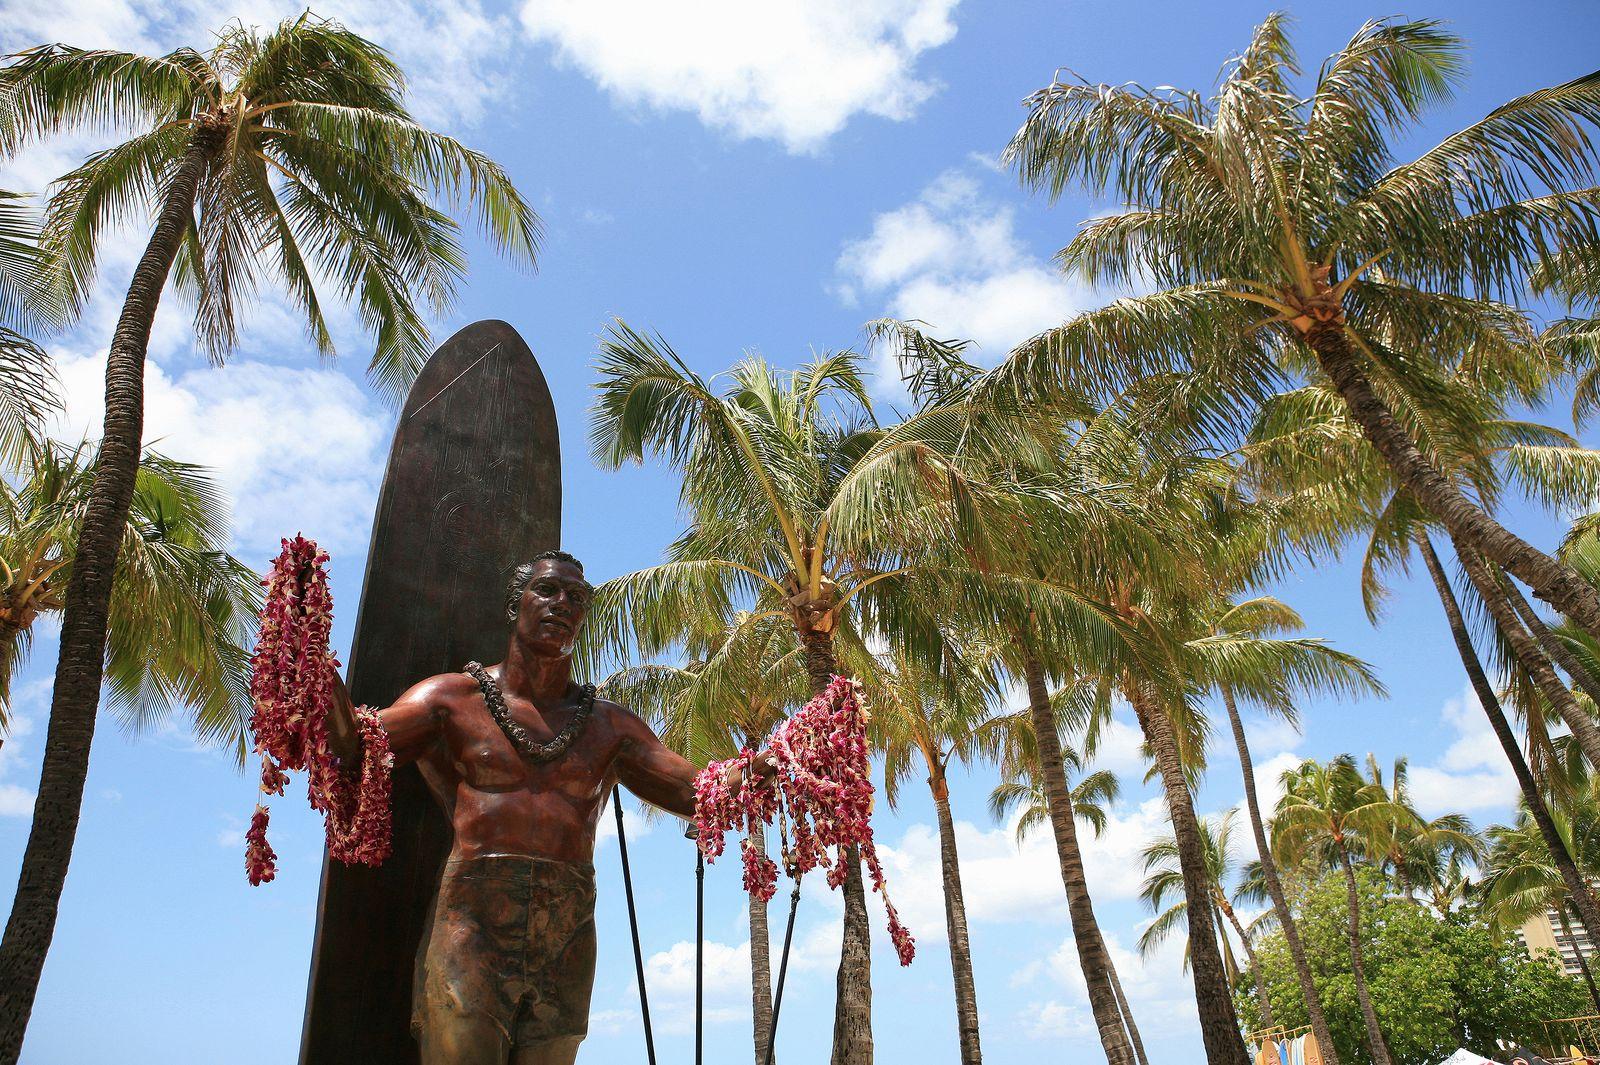 Die Duke Kahanamoku Statue im Sonnenlicht